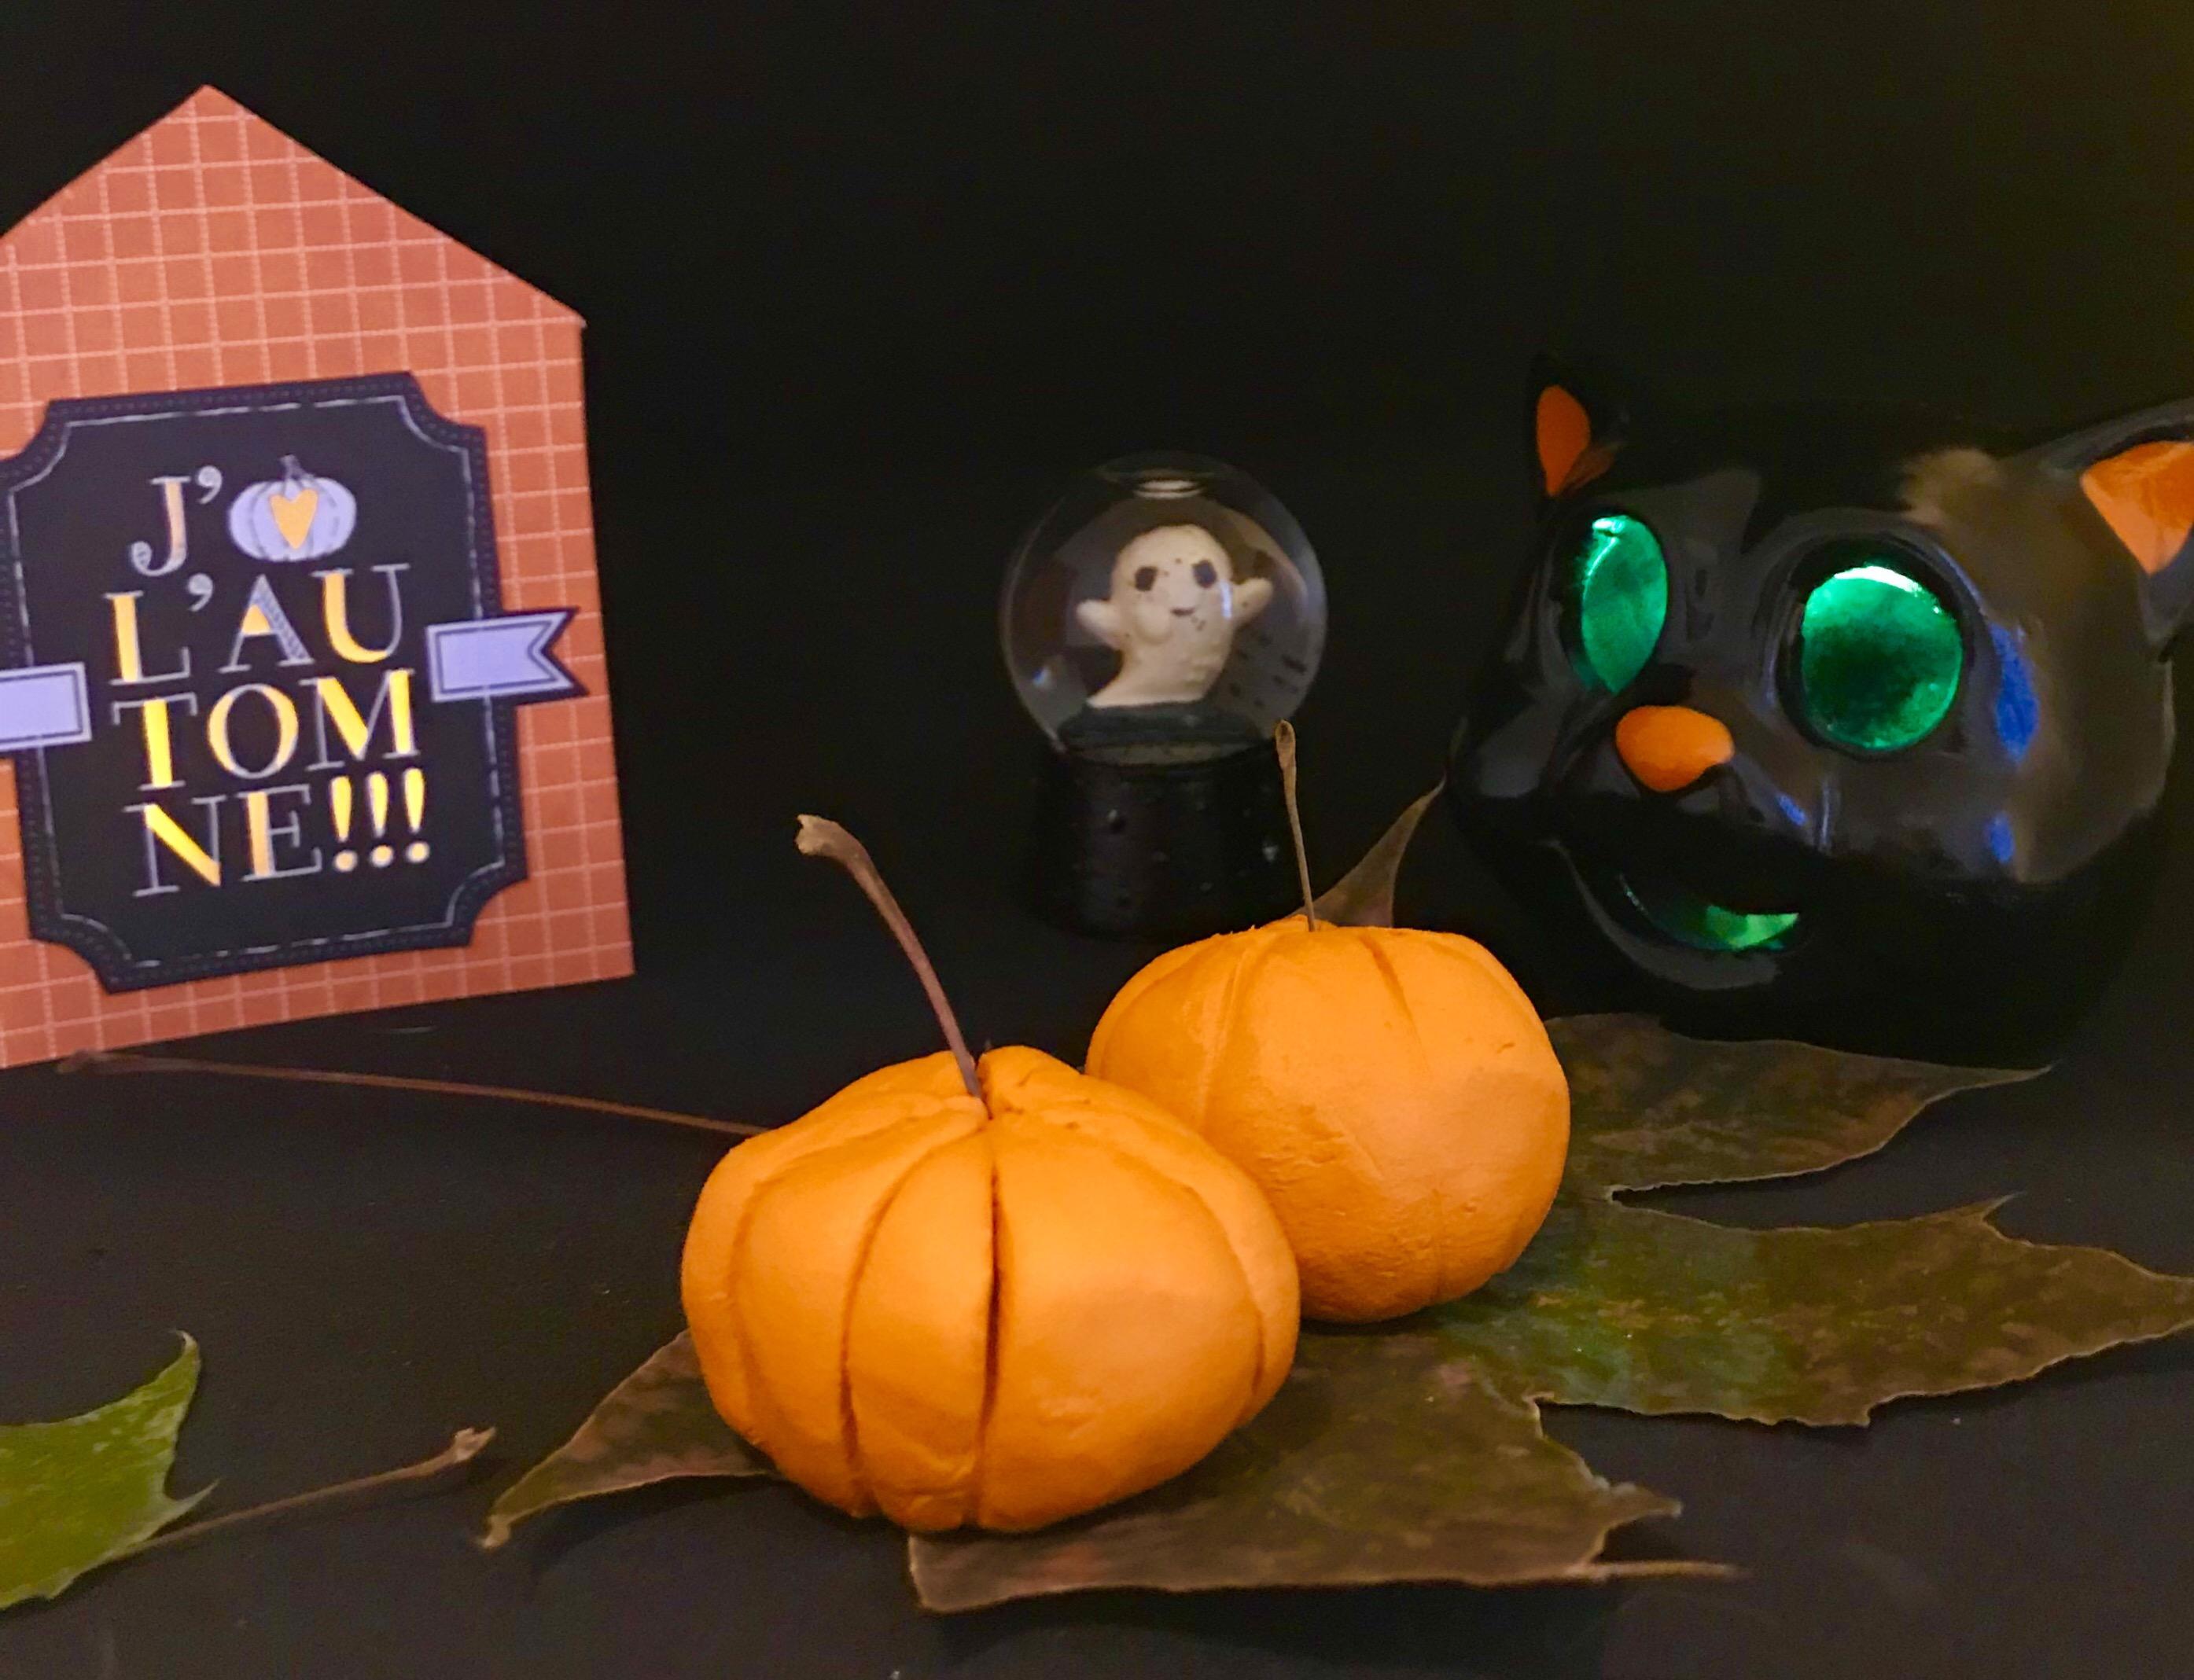 La petite citrouille d'Halloween